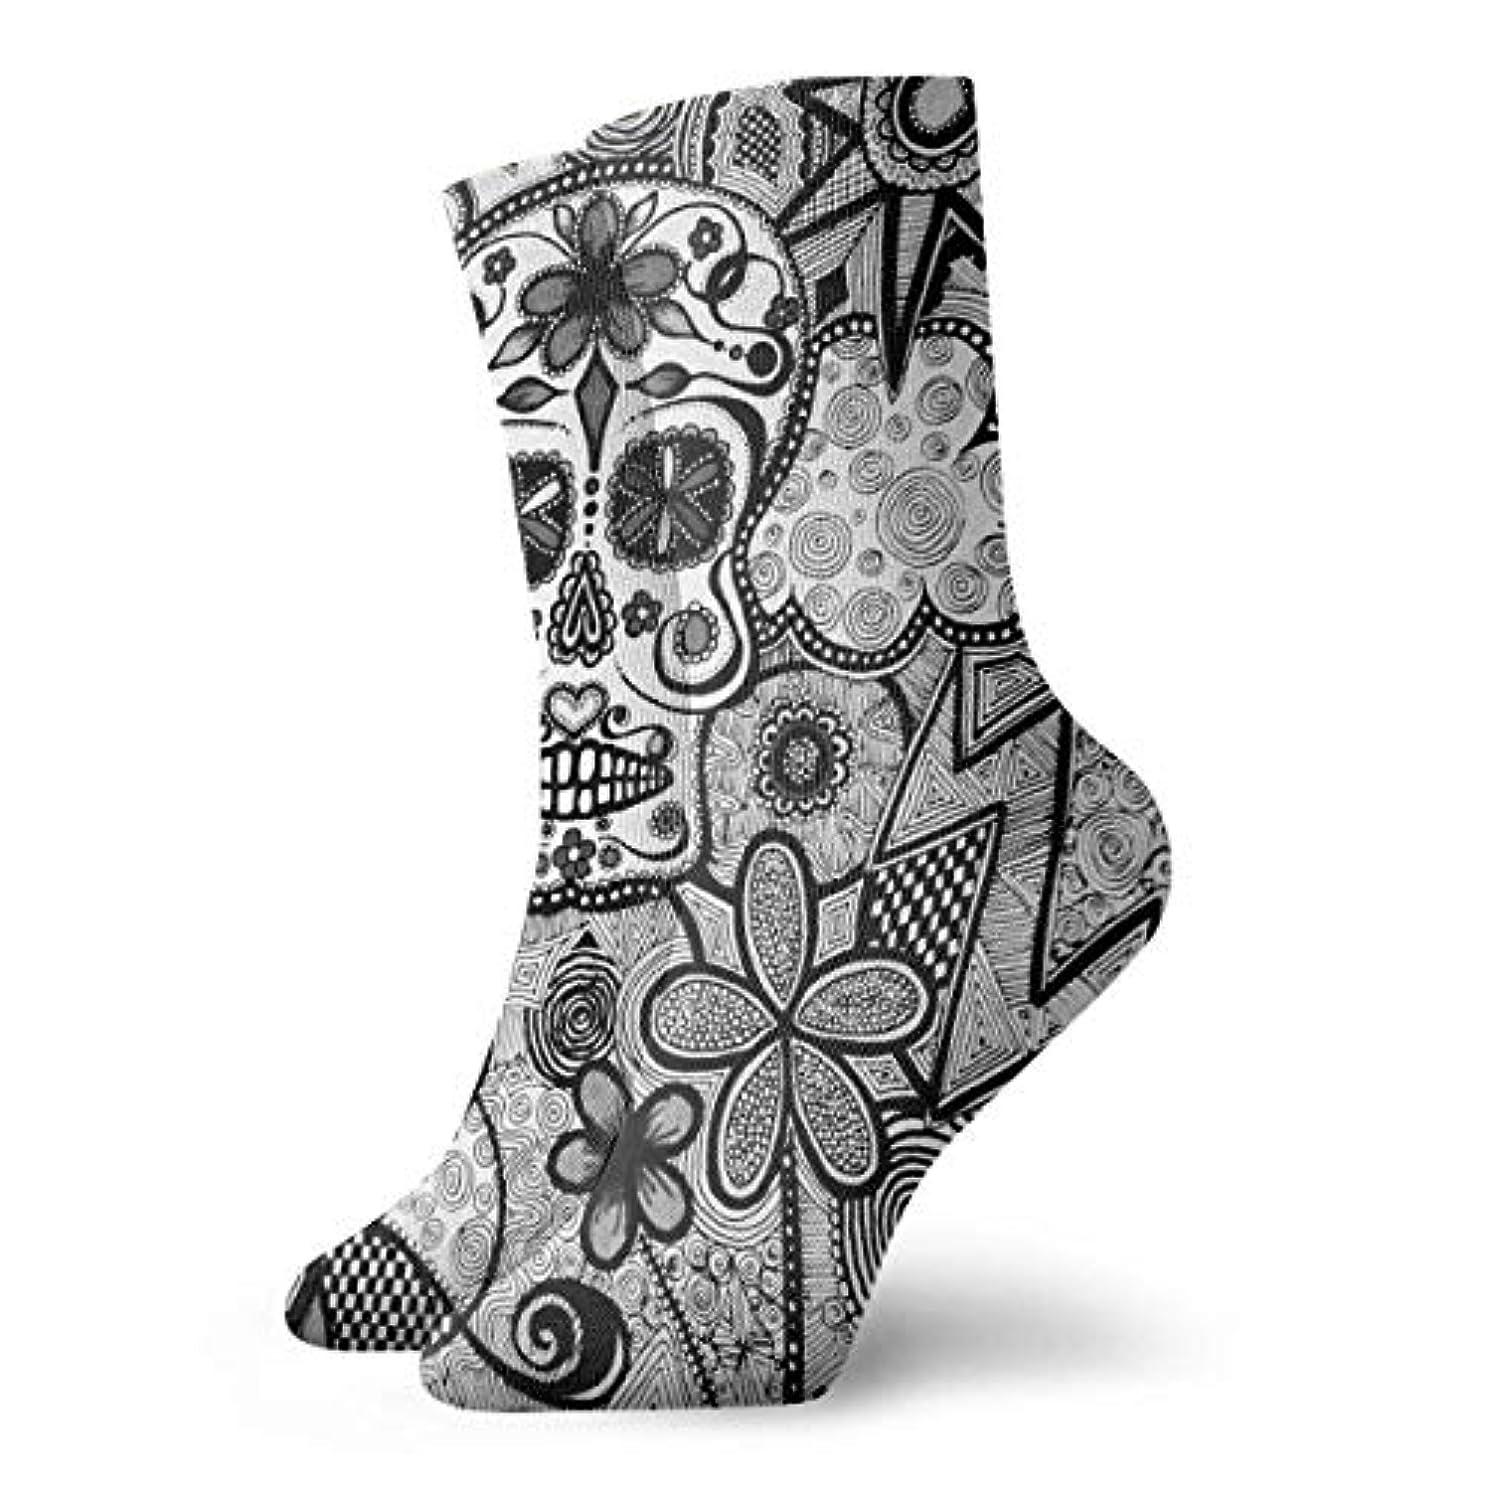 まさにハシーお願いしますqrriyユニセックスカラフルドレスソックス、ブラックホワイト落書き頭蓋骨、冬ソフトコージー暖かい靴下かわいい面白いクルーコットンソックス1パック